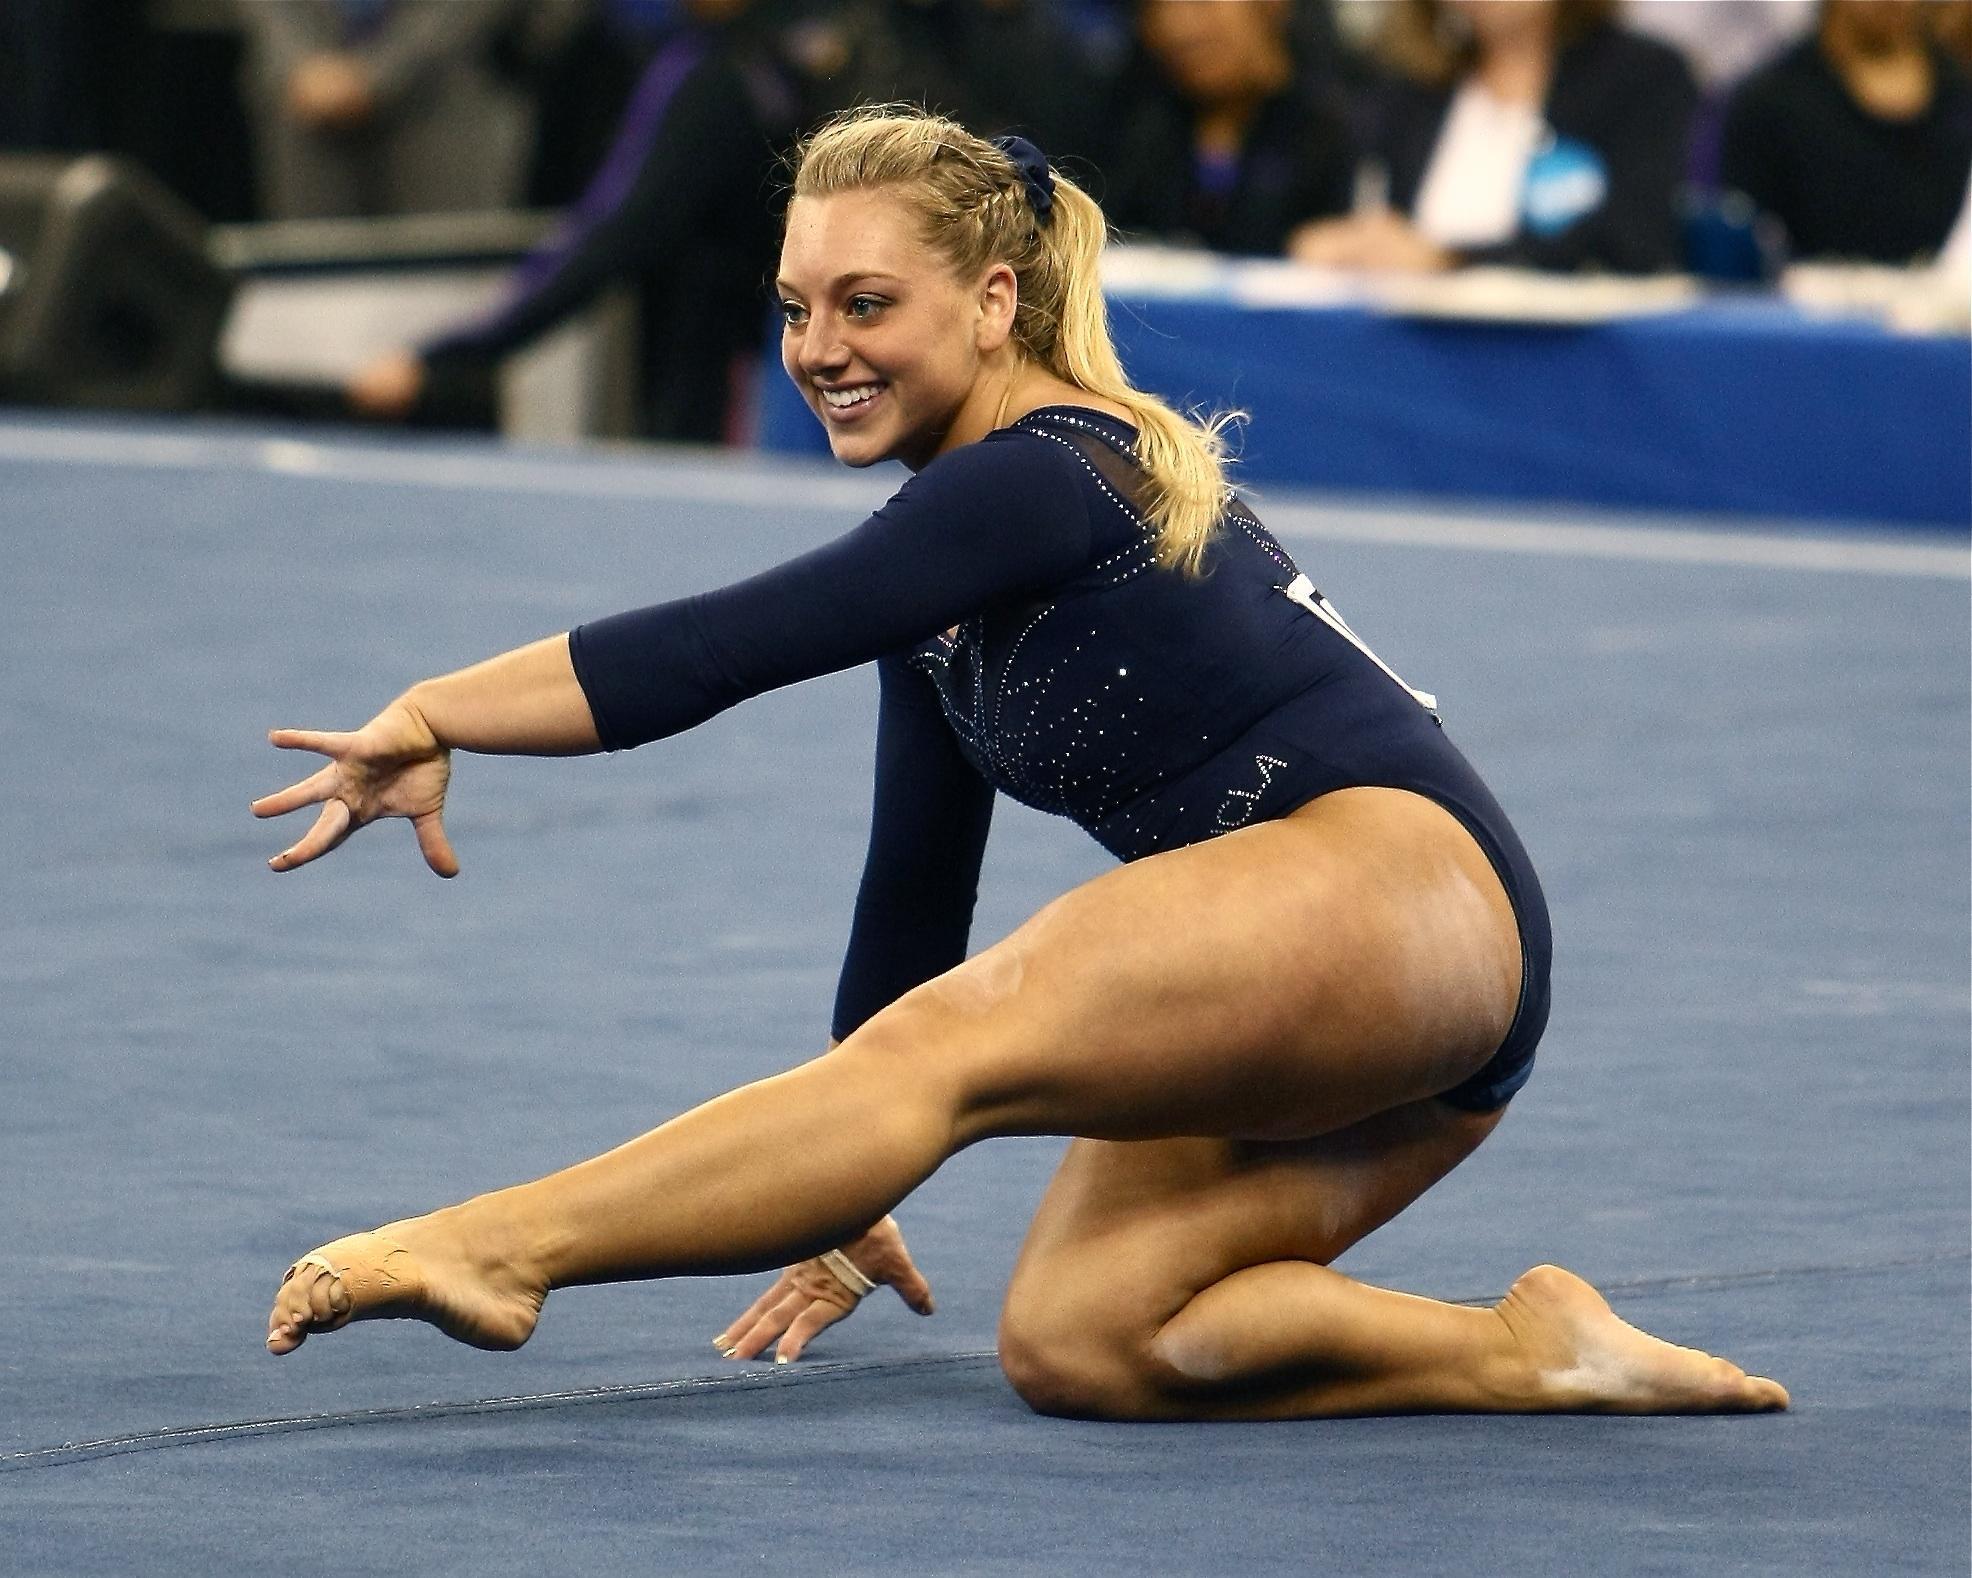 Samantha Peszek S Feet